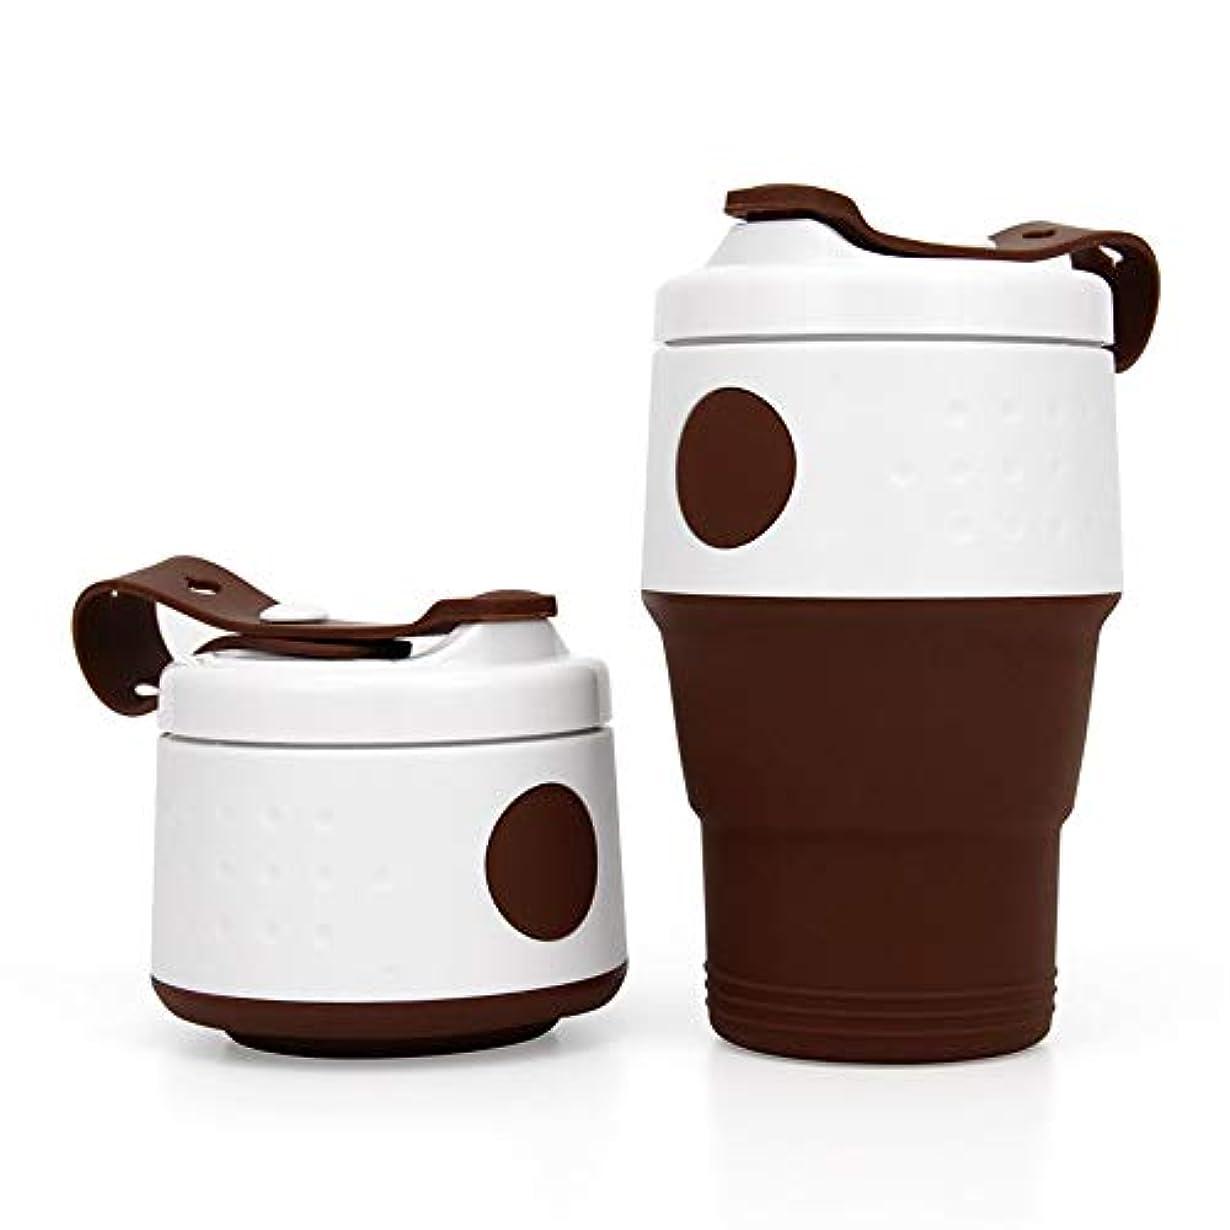 踏みつけポップコテージ屋外の携帯用引き込み式のコップのシリコーンの折るコーヒーカップ携帯用スポーツの圧縮の口のコップ (色 : 褐色)